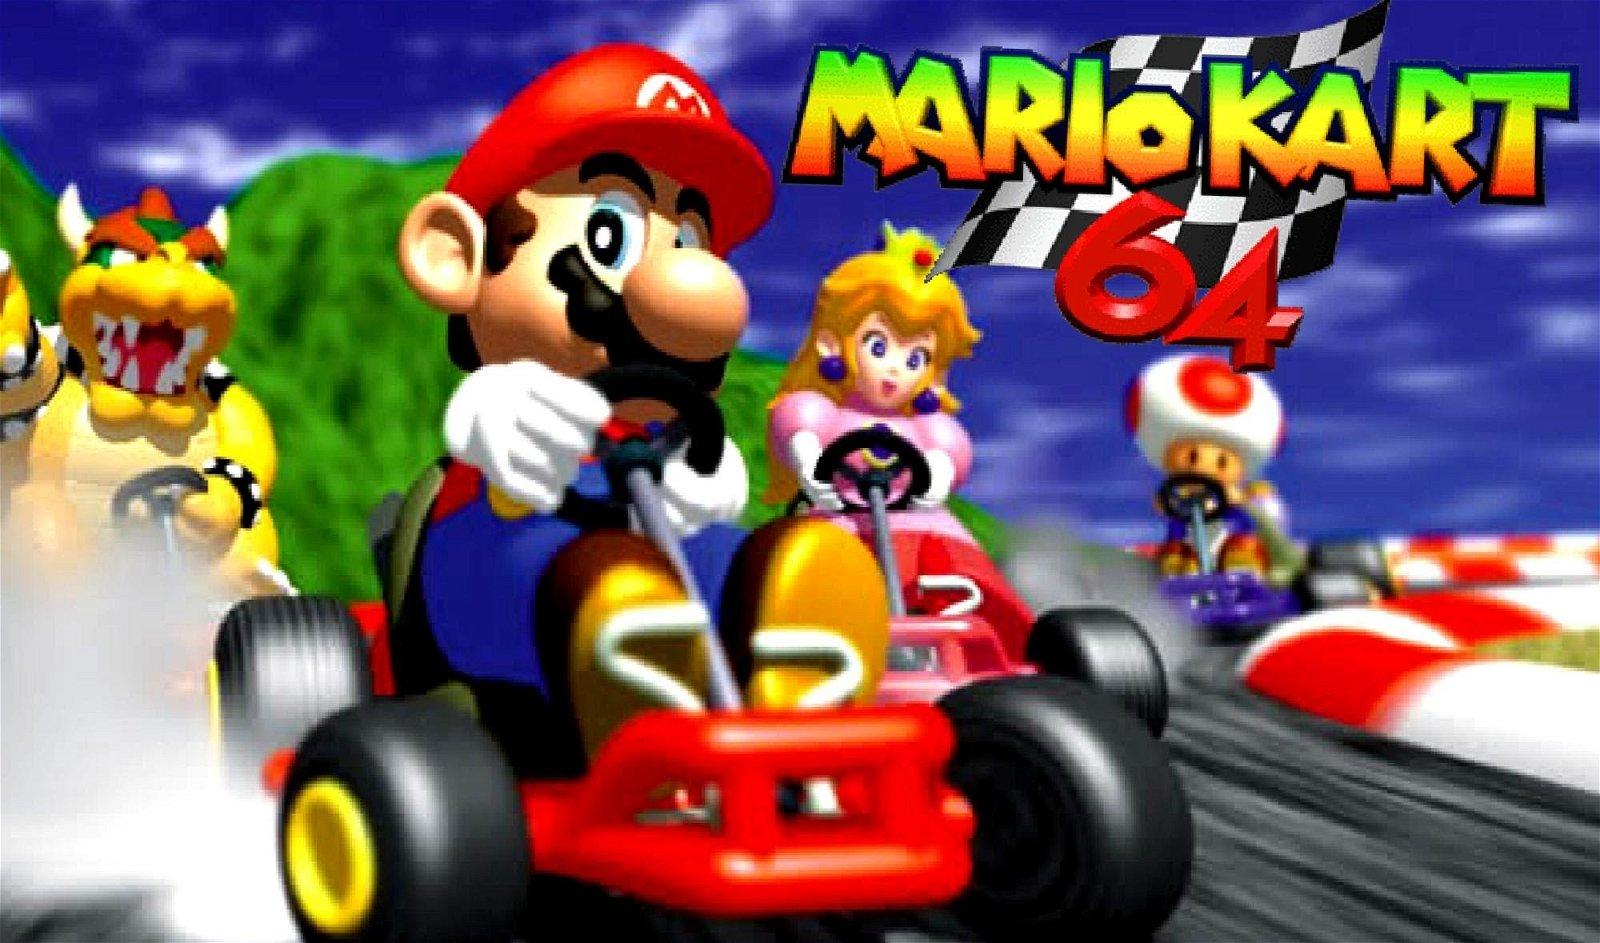 Mario Kart 64: Un speedrunner está intentando derribar todos los árboles del juego